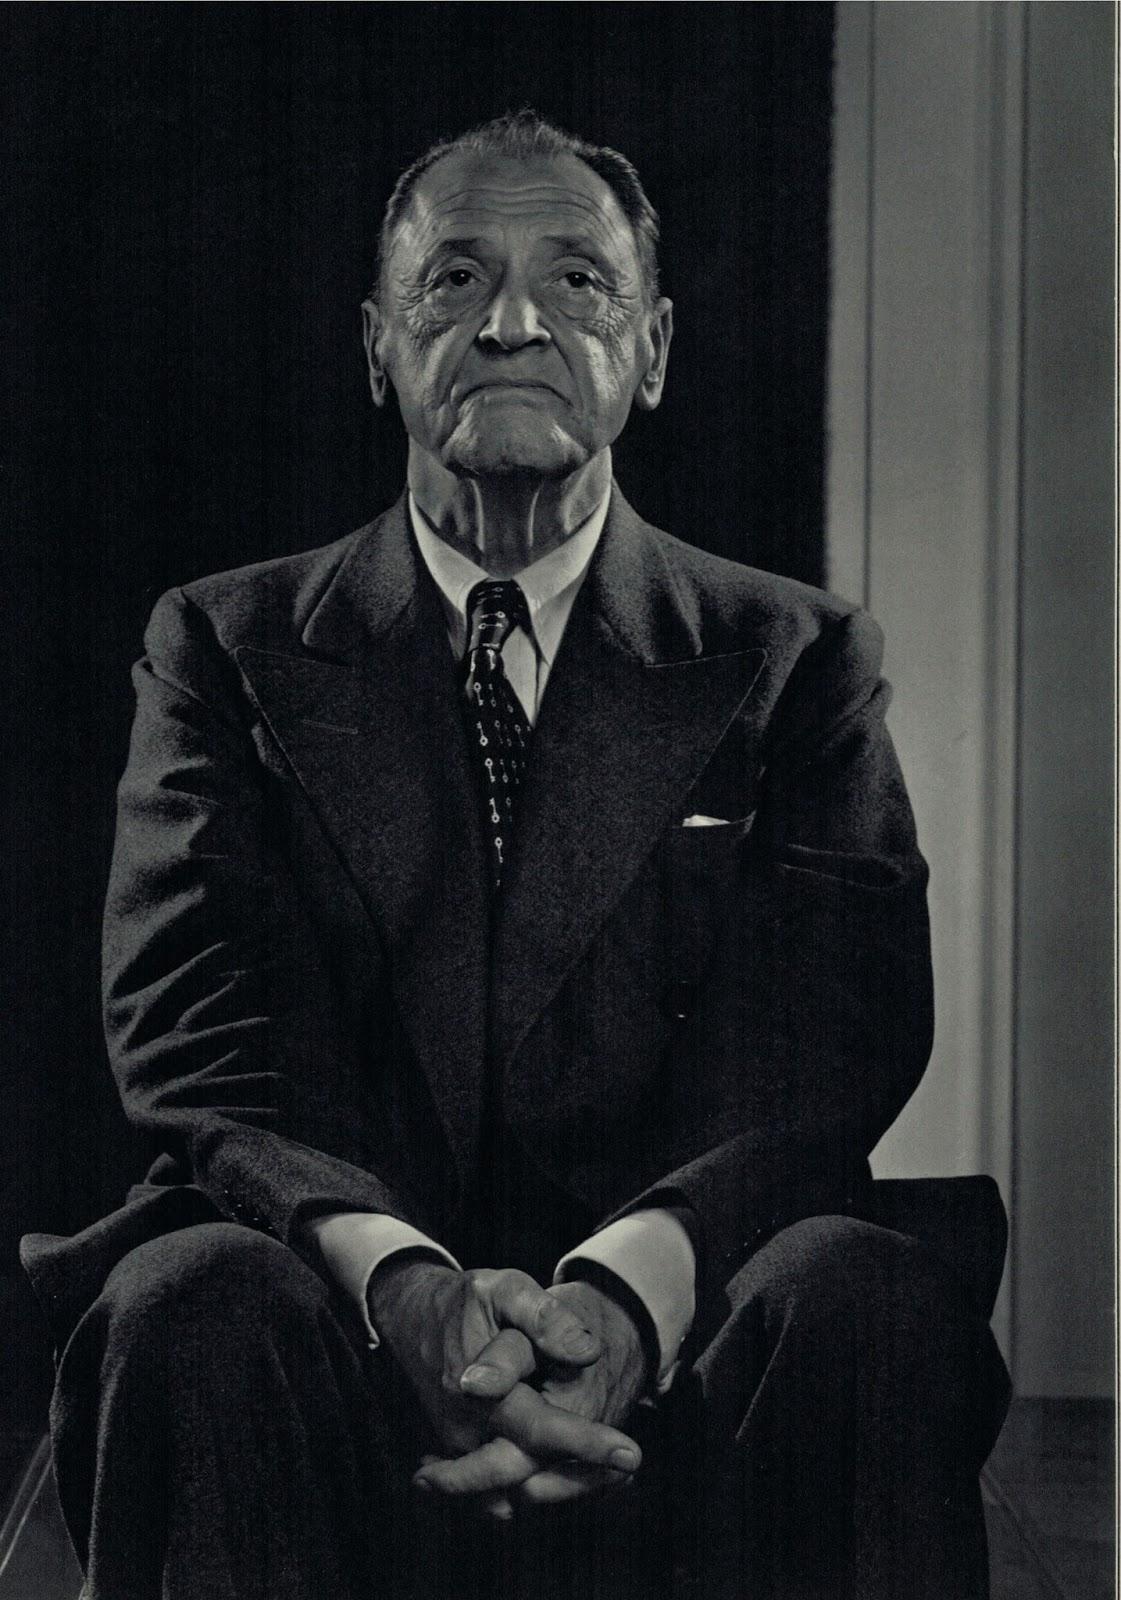 رمان لبه تیغ ویلیام سامرست ۱۹۶۵-۱۸۷۴